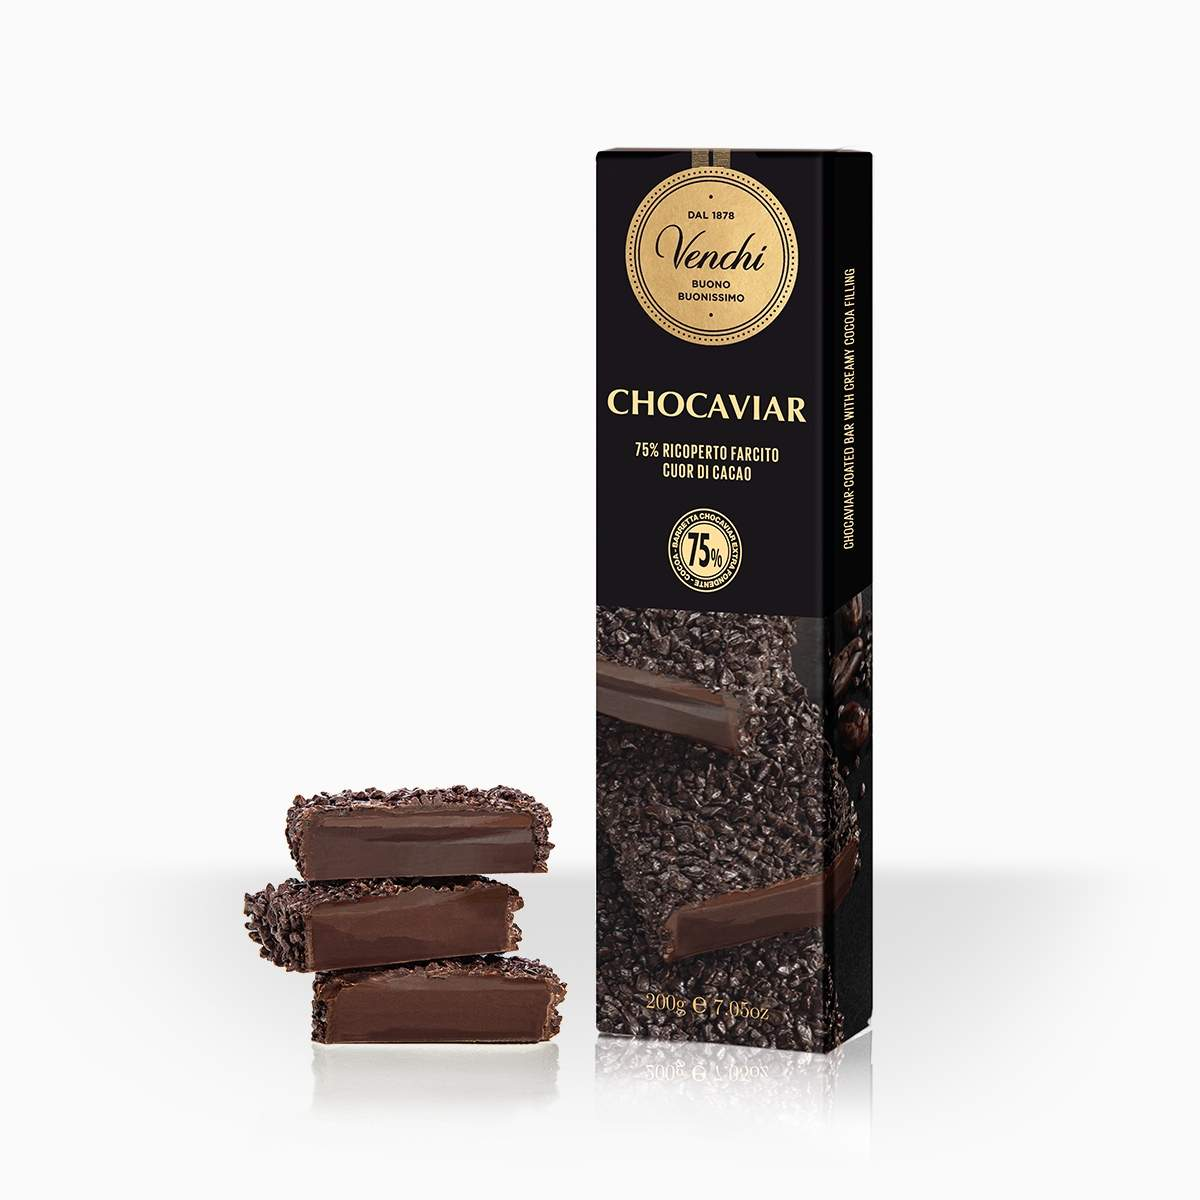 Venchi Chocaviar čokoládová tyčinka 200g